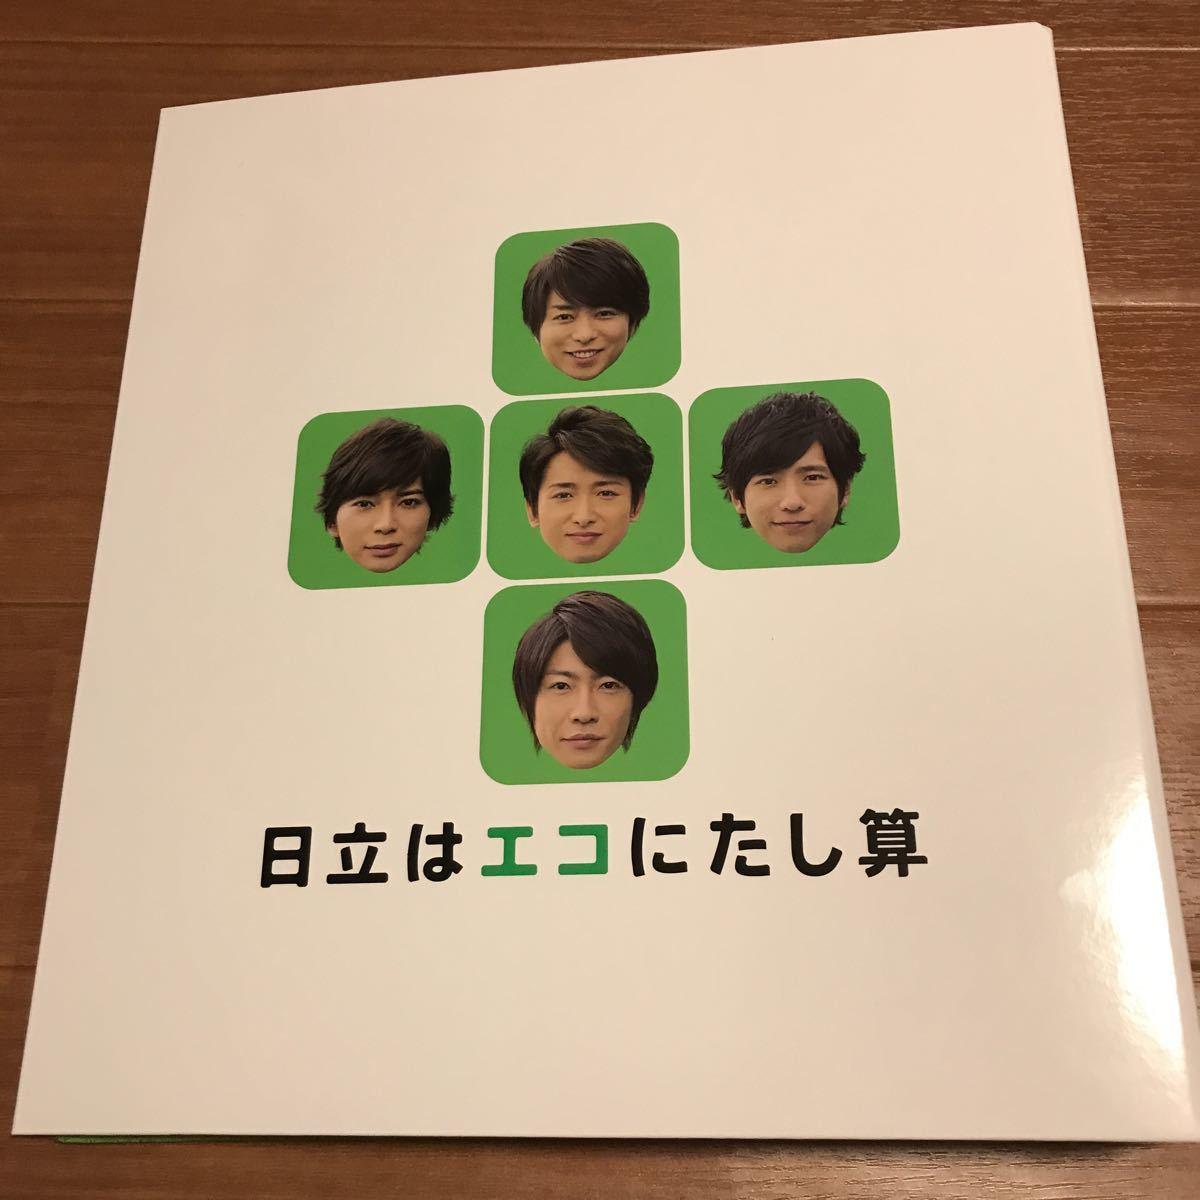 クリアファイル 相葉雅紀 二宮和也 松本潤 大野智 櫻井翔 ジャニーズ 嵐 新品